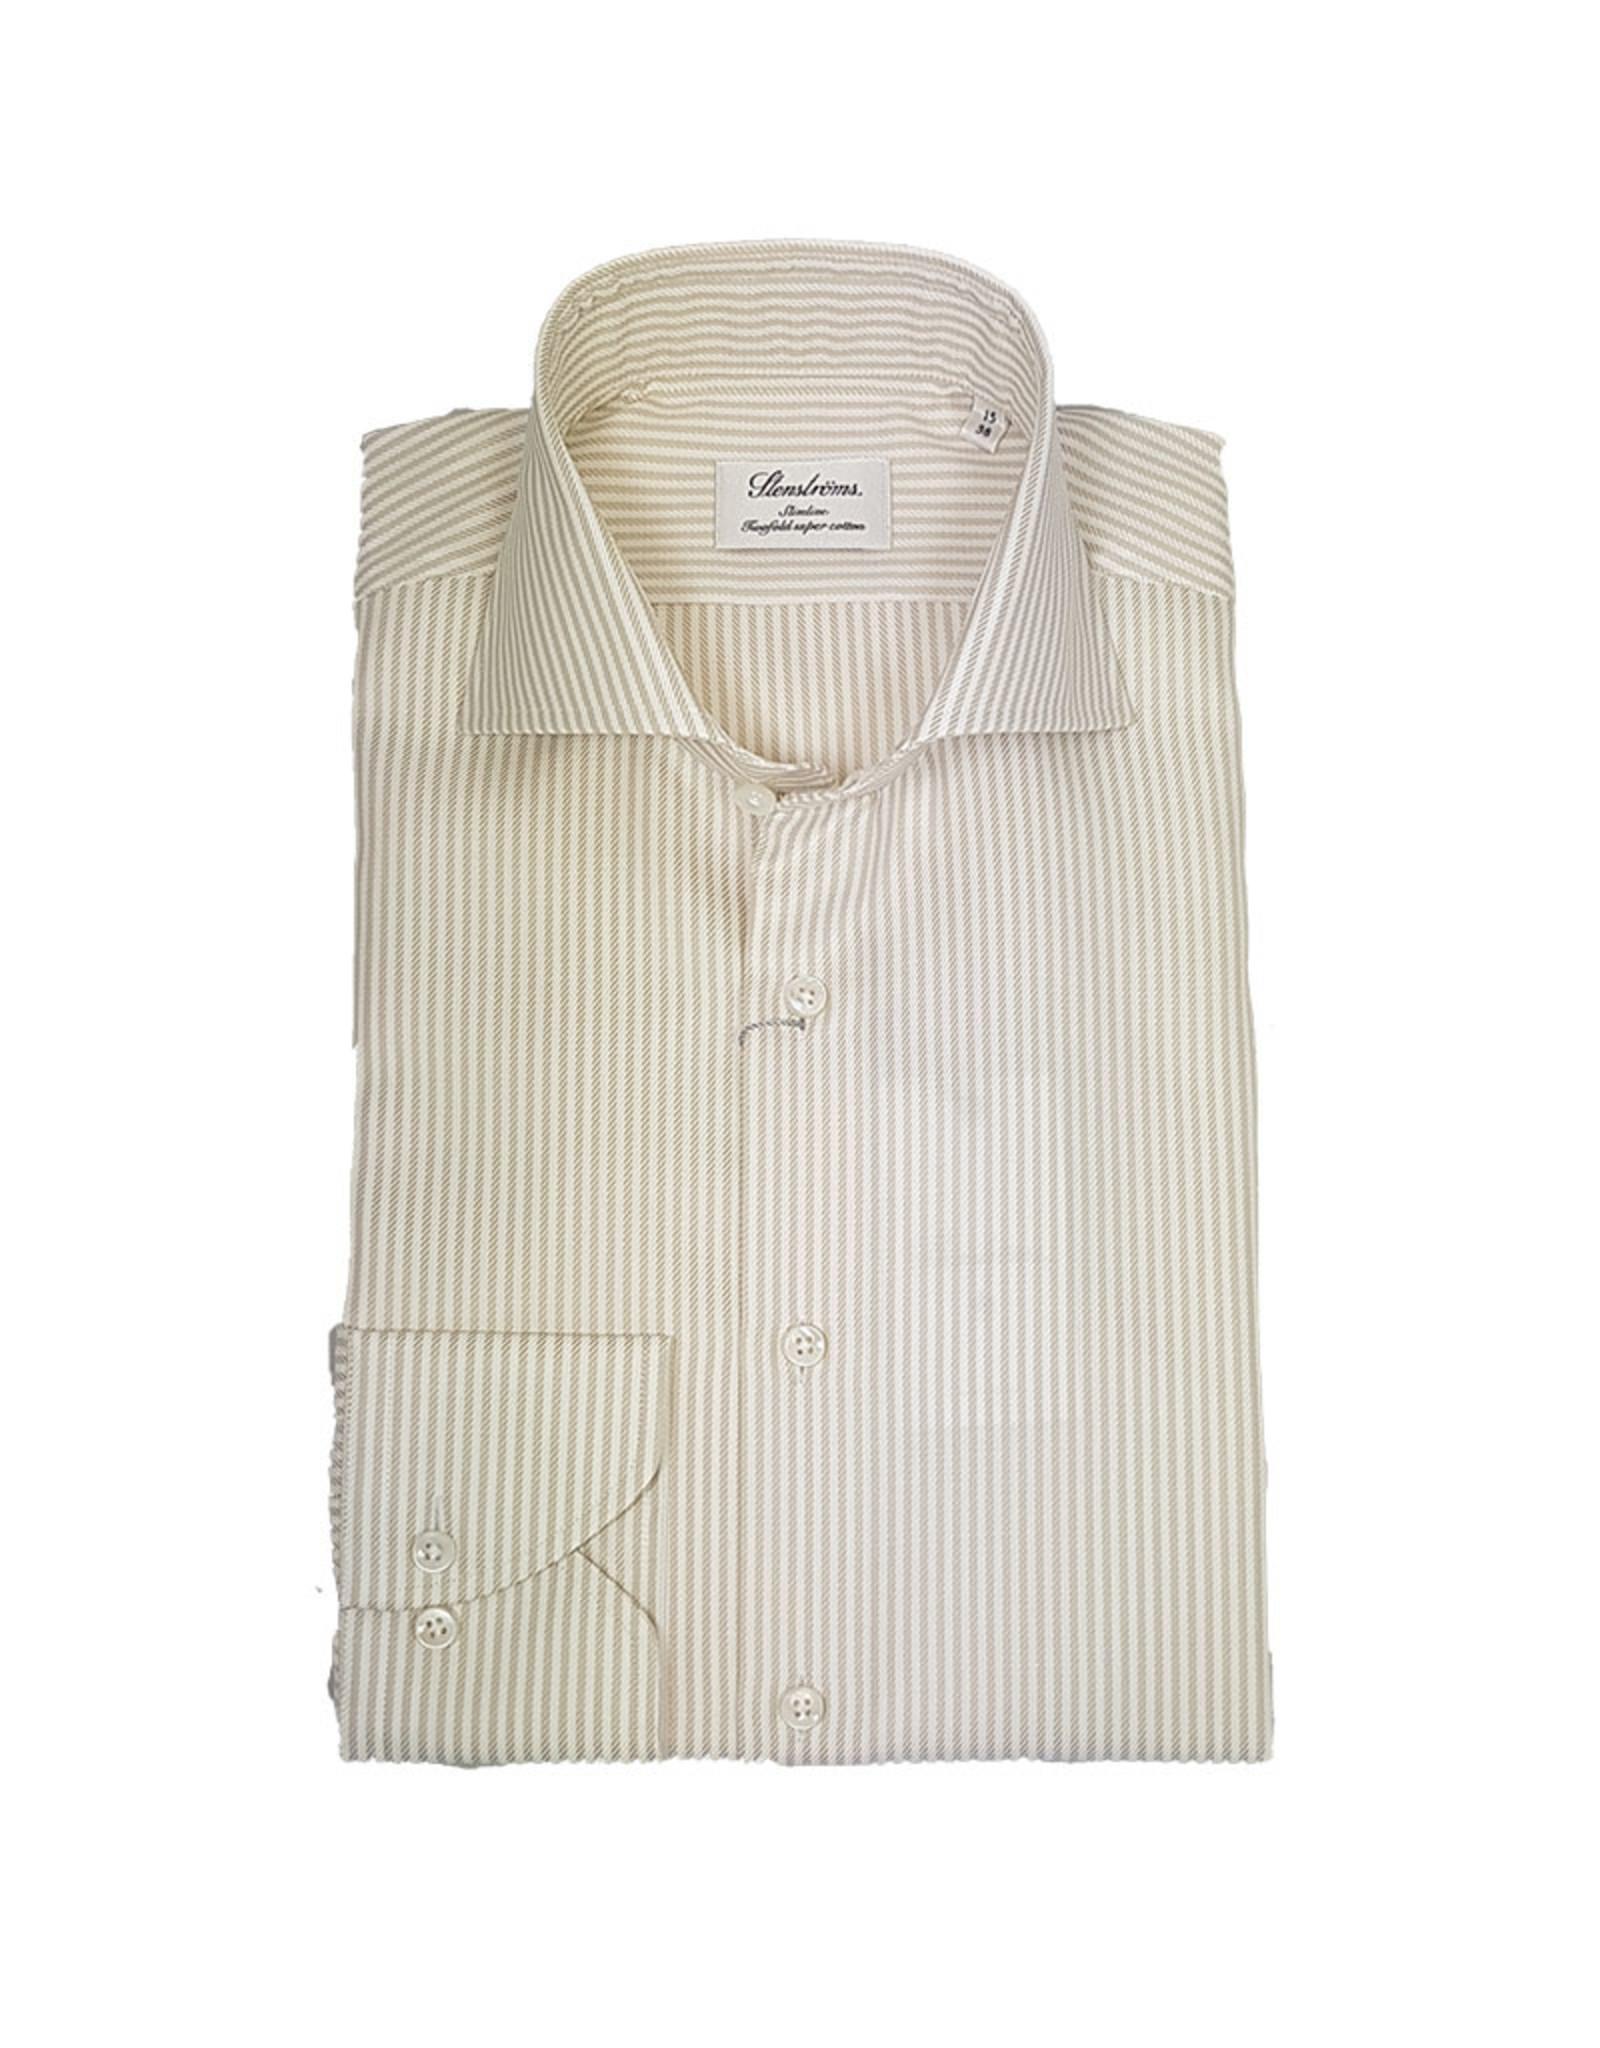 Stenströms Stenströms hemd beige gestreept Fitted body 602111-8021/212